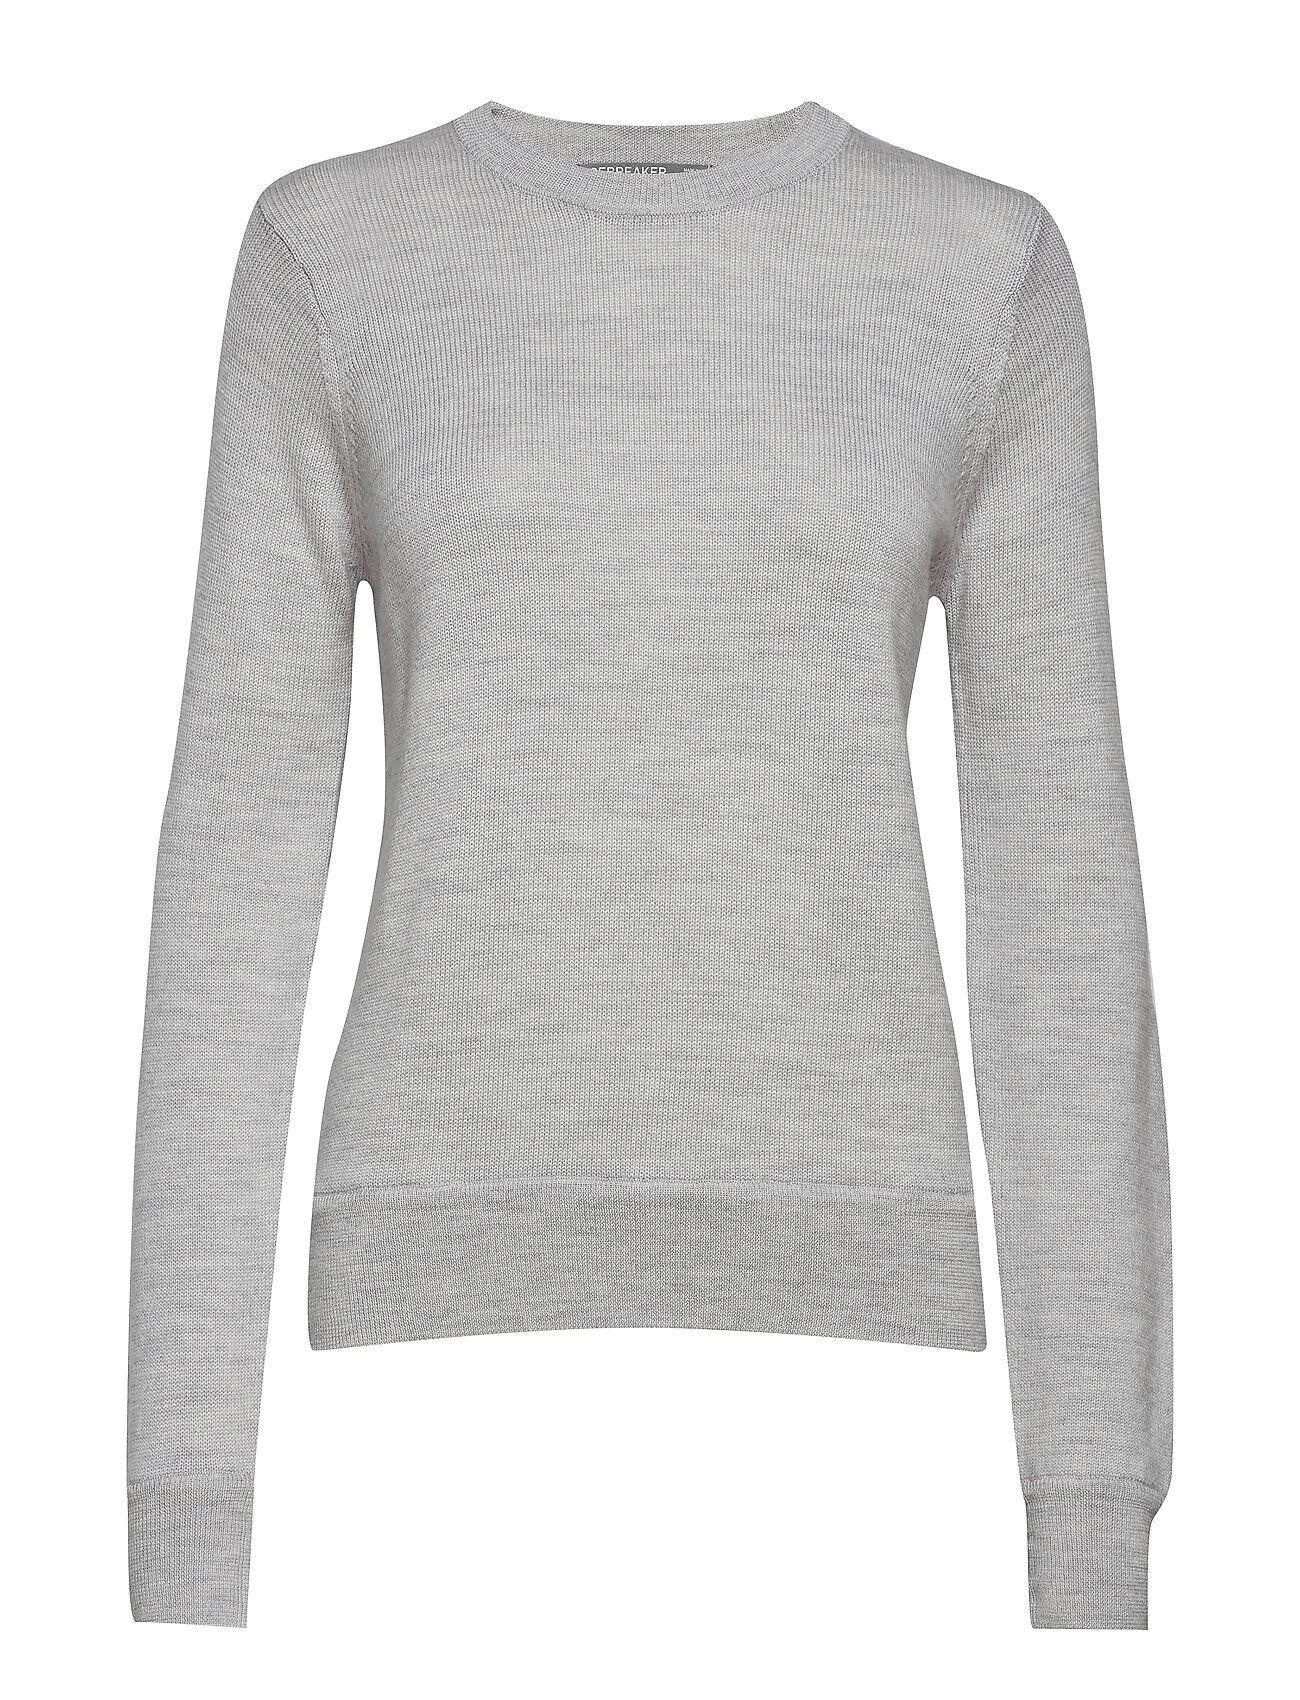 Icebreaker Wmns Muster Crewe Sweater